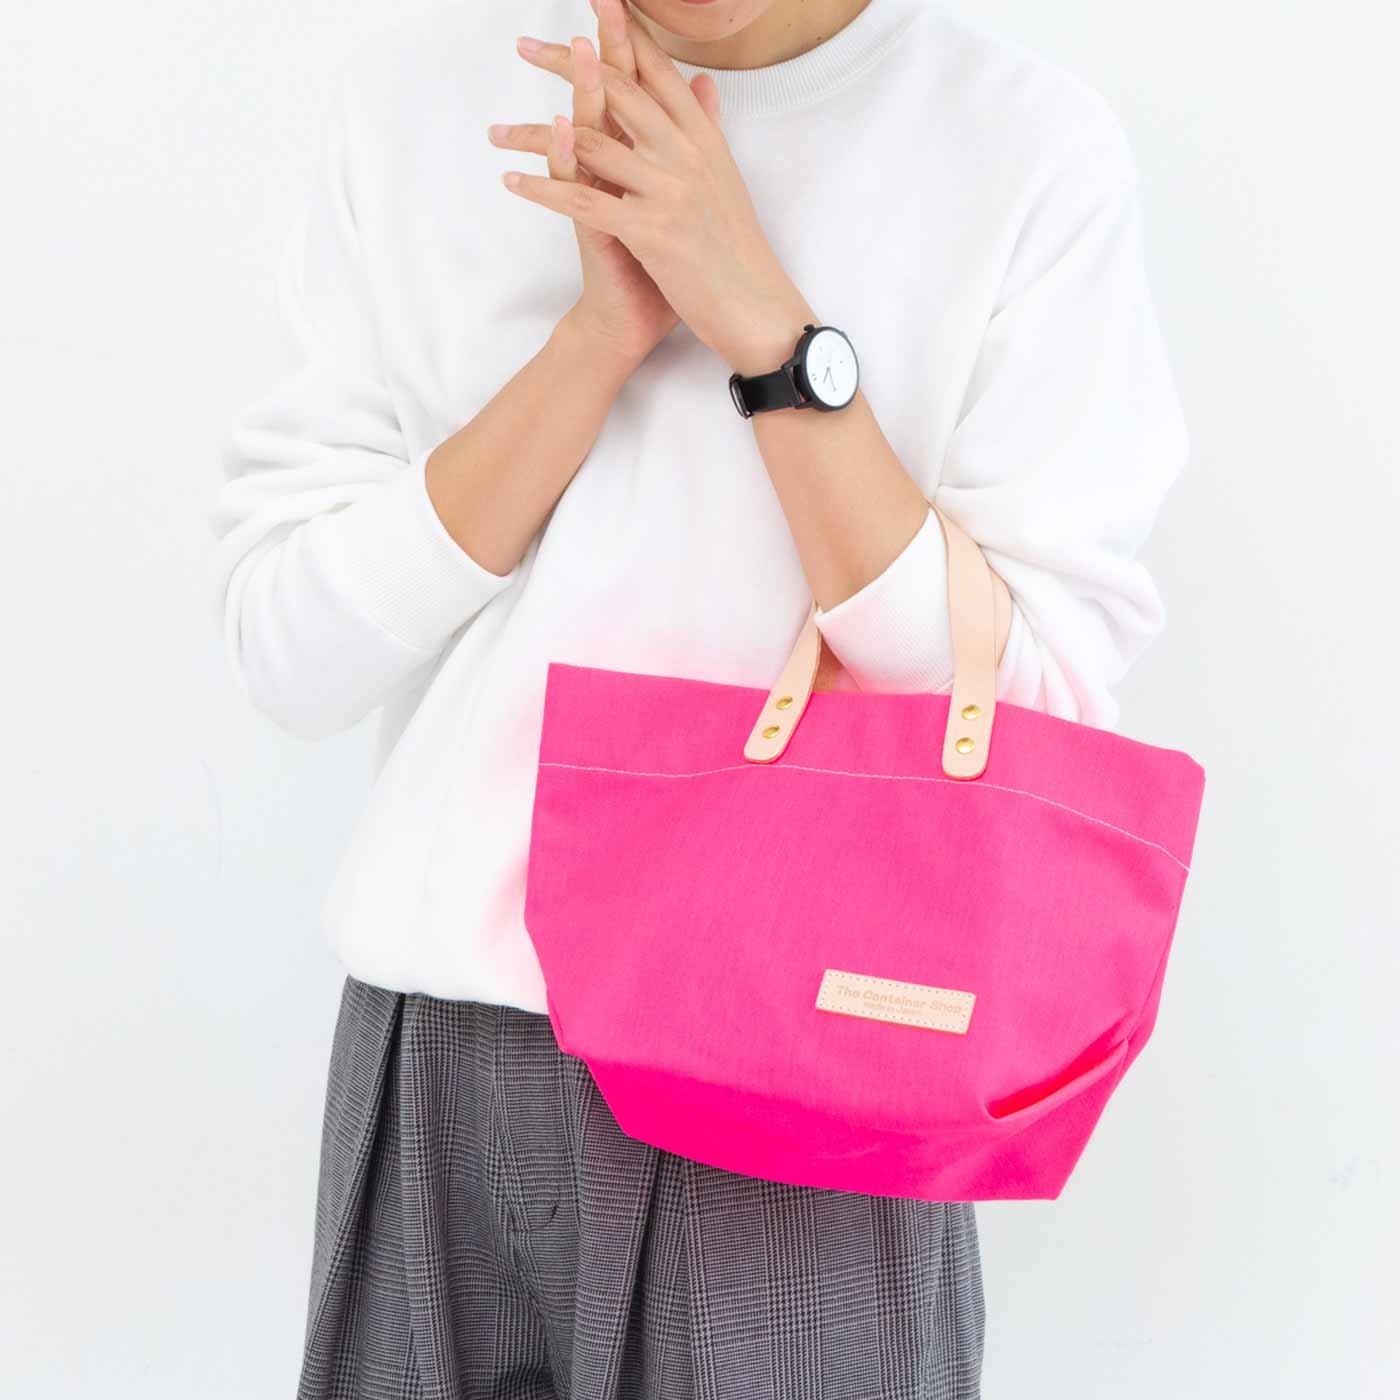 デイリーサイズがうれしい 日本製のカラー帆布 ショルダートートバッグ〈ネオンピンク〉